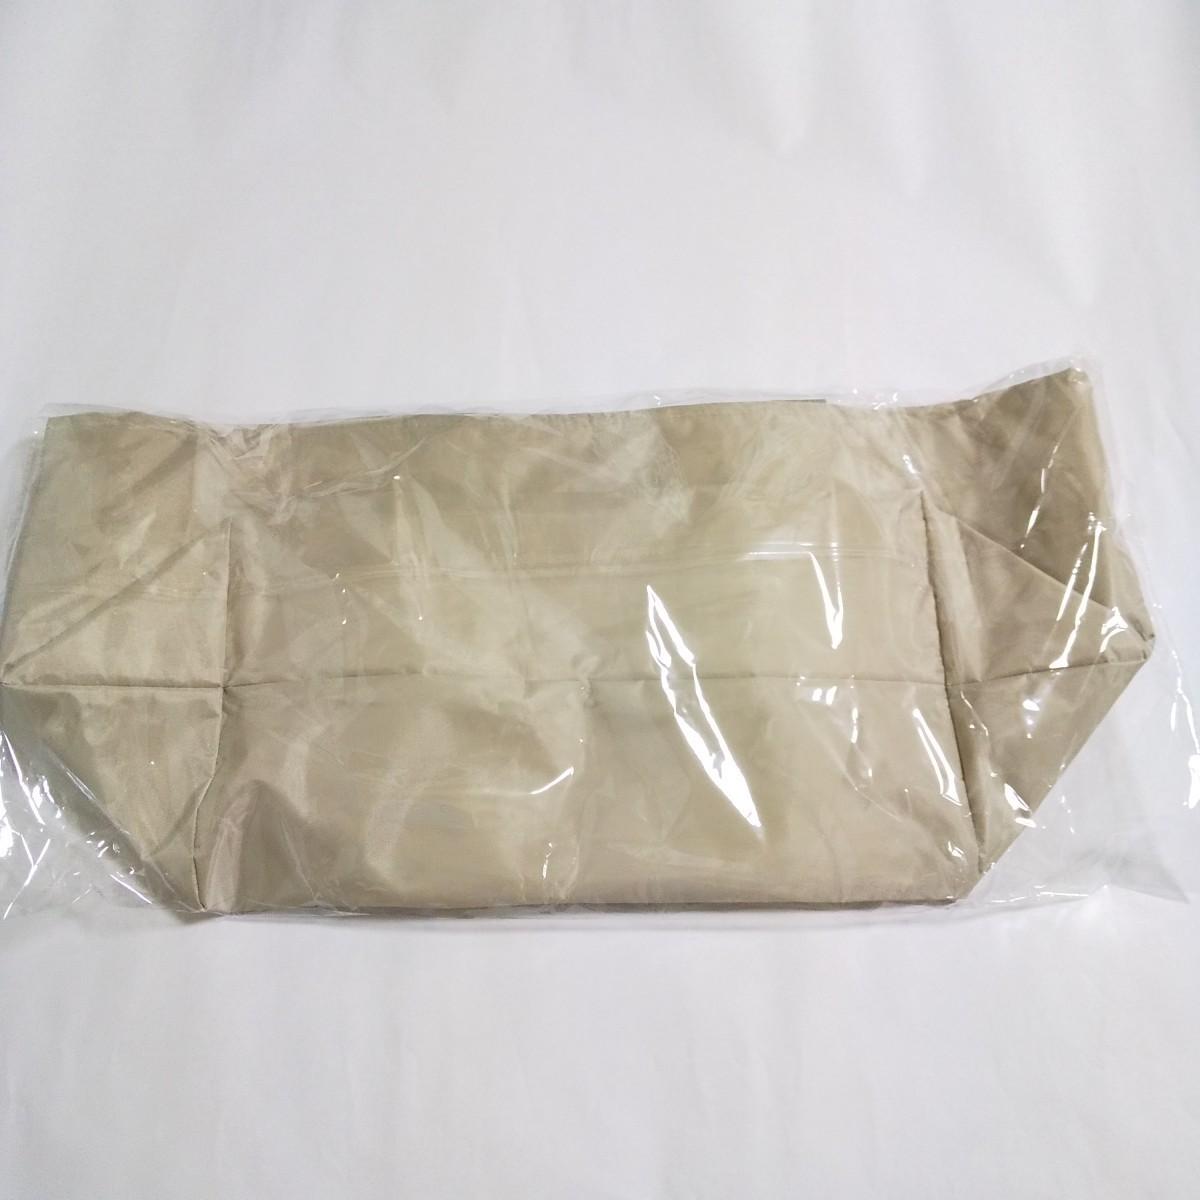 ムーミン アルミシート付きショッピングバッグ タイトー バック バッグ エコバッグ 保冷バッグ 保冷 MOOMIN ちびのミイ